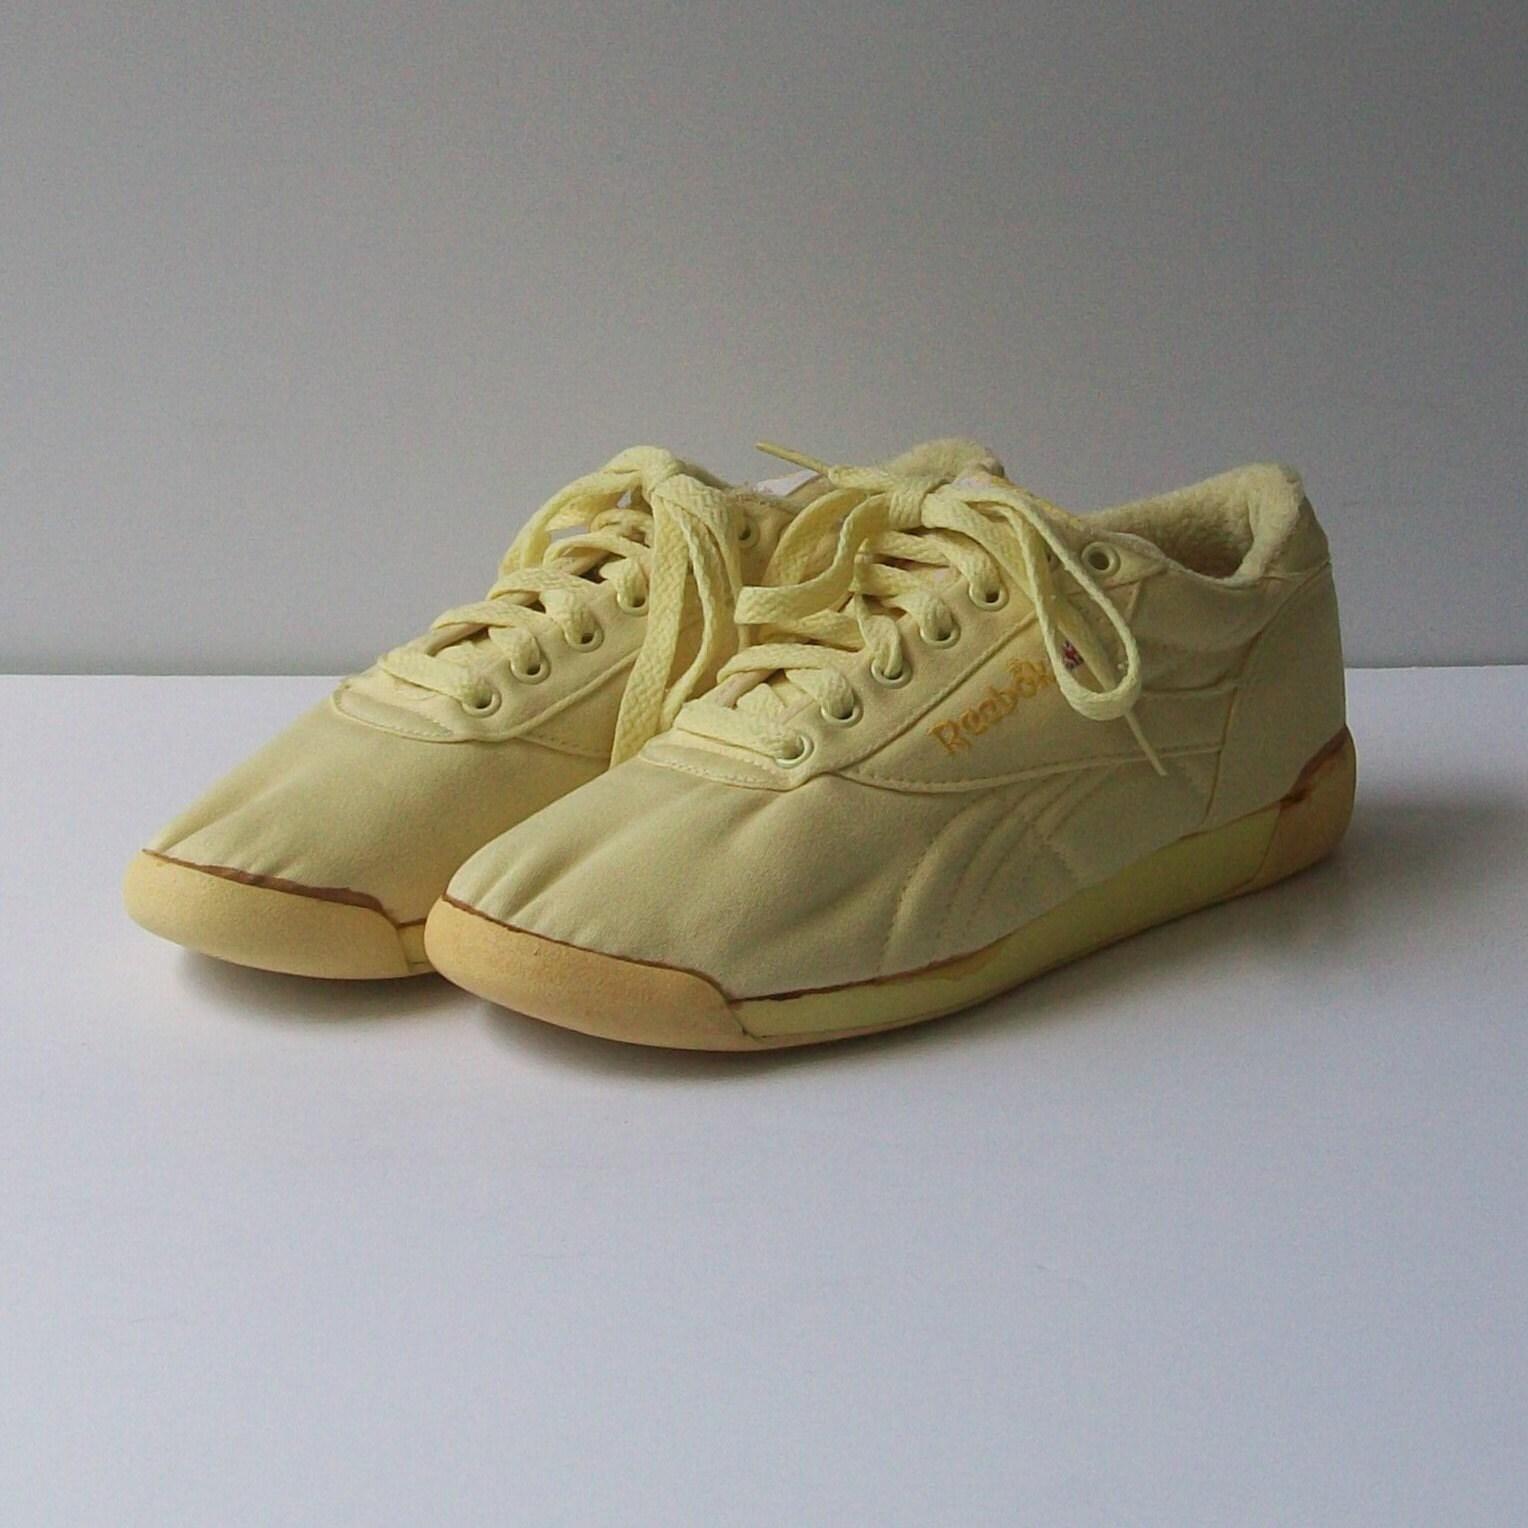 Vintage 80s LEMON Reebok Aerobic Tennis Shoes Size 7.5